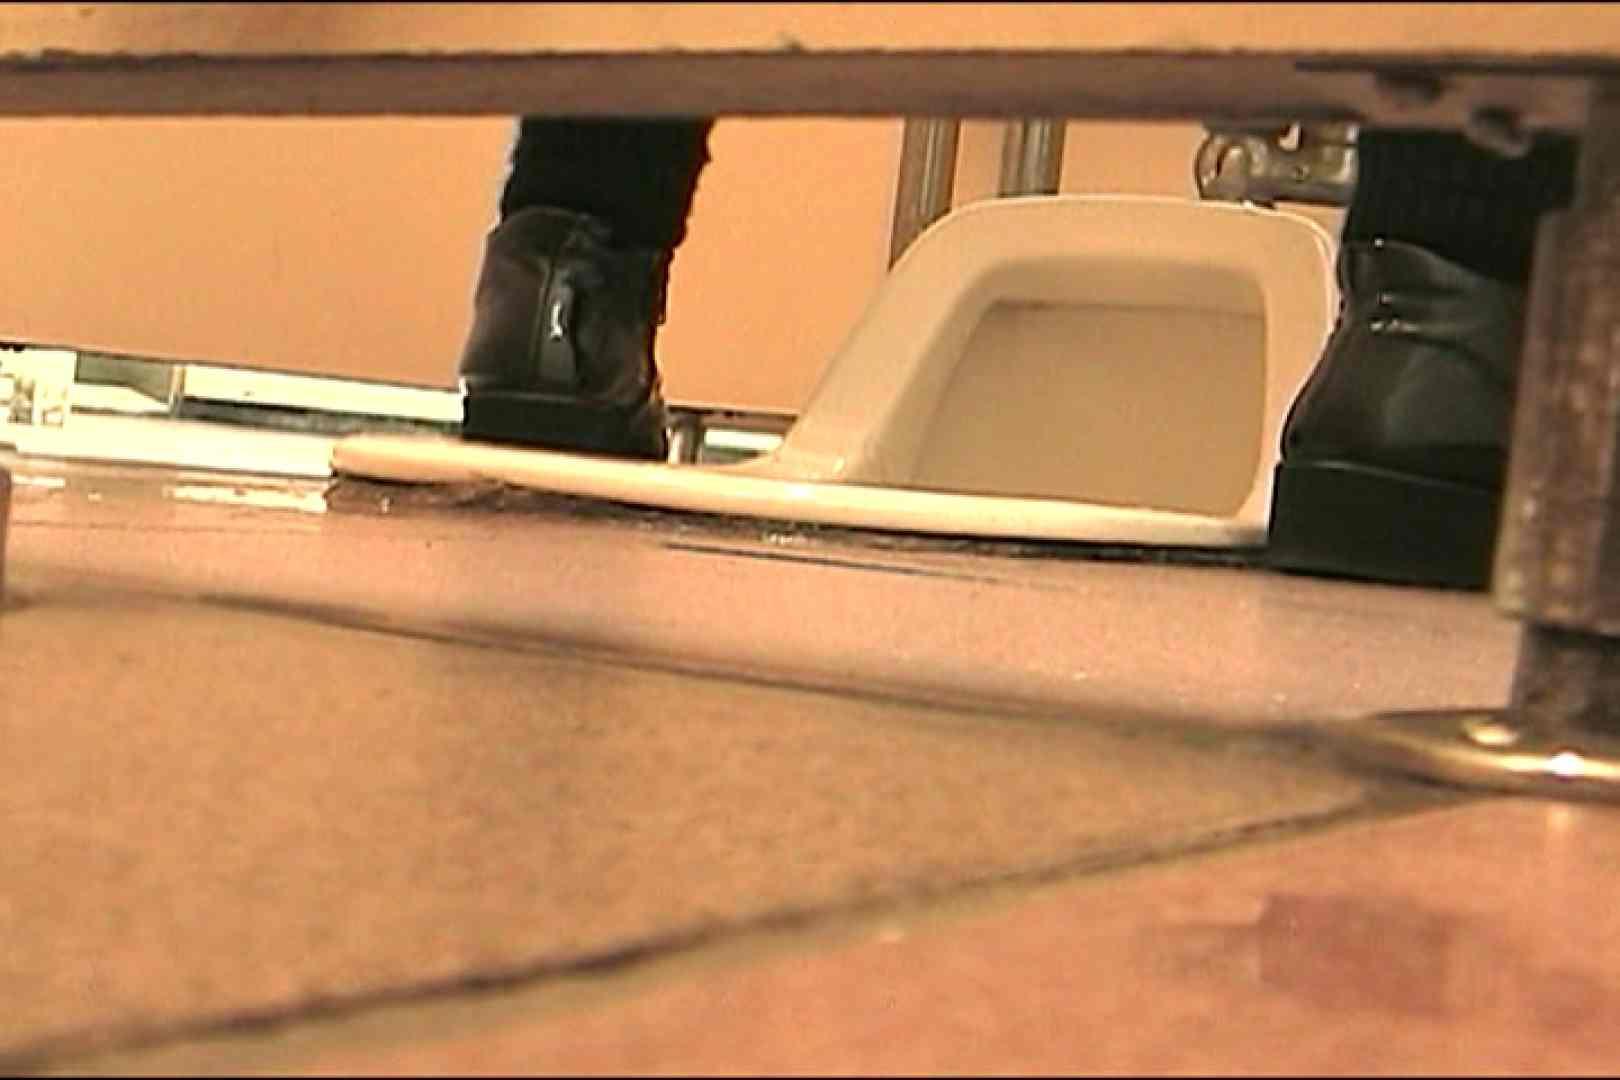 マンコ丸見え女子洗面所Vol.44 OLの実態 盗み撮りSEX無修正画像 57pic 56